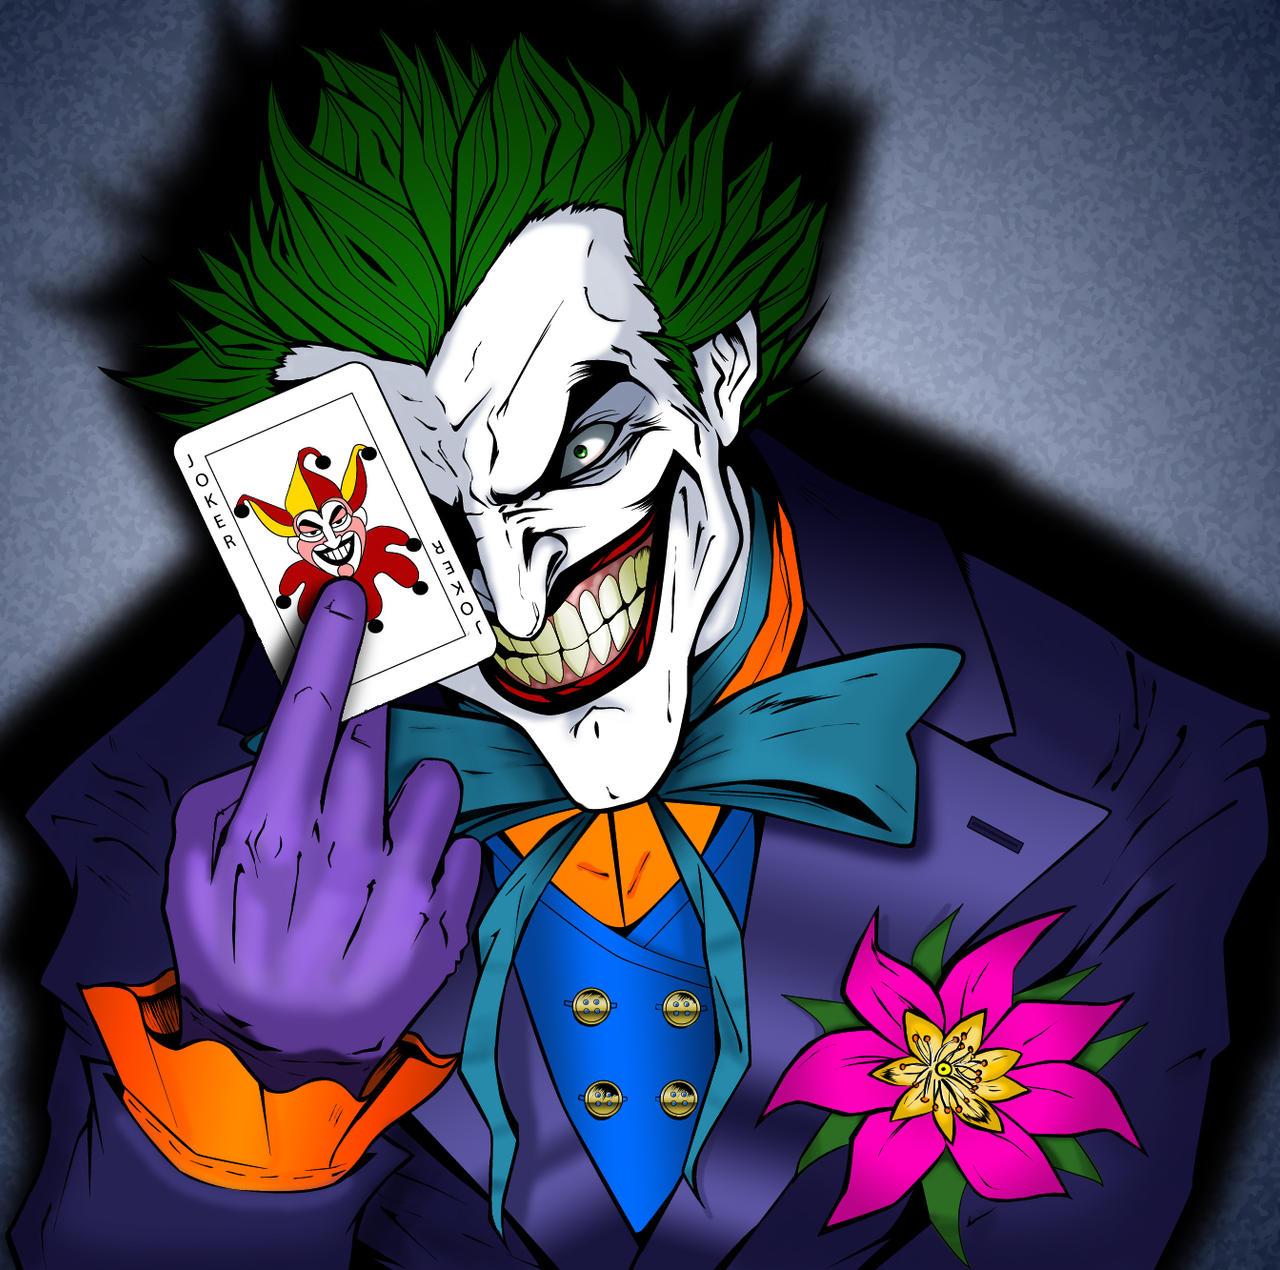 The Joker colored by Balsavor on DeviantArt